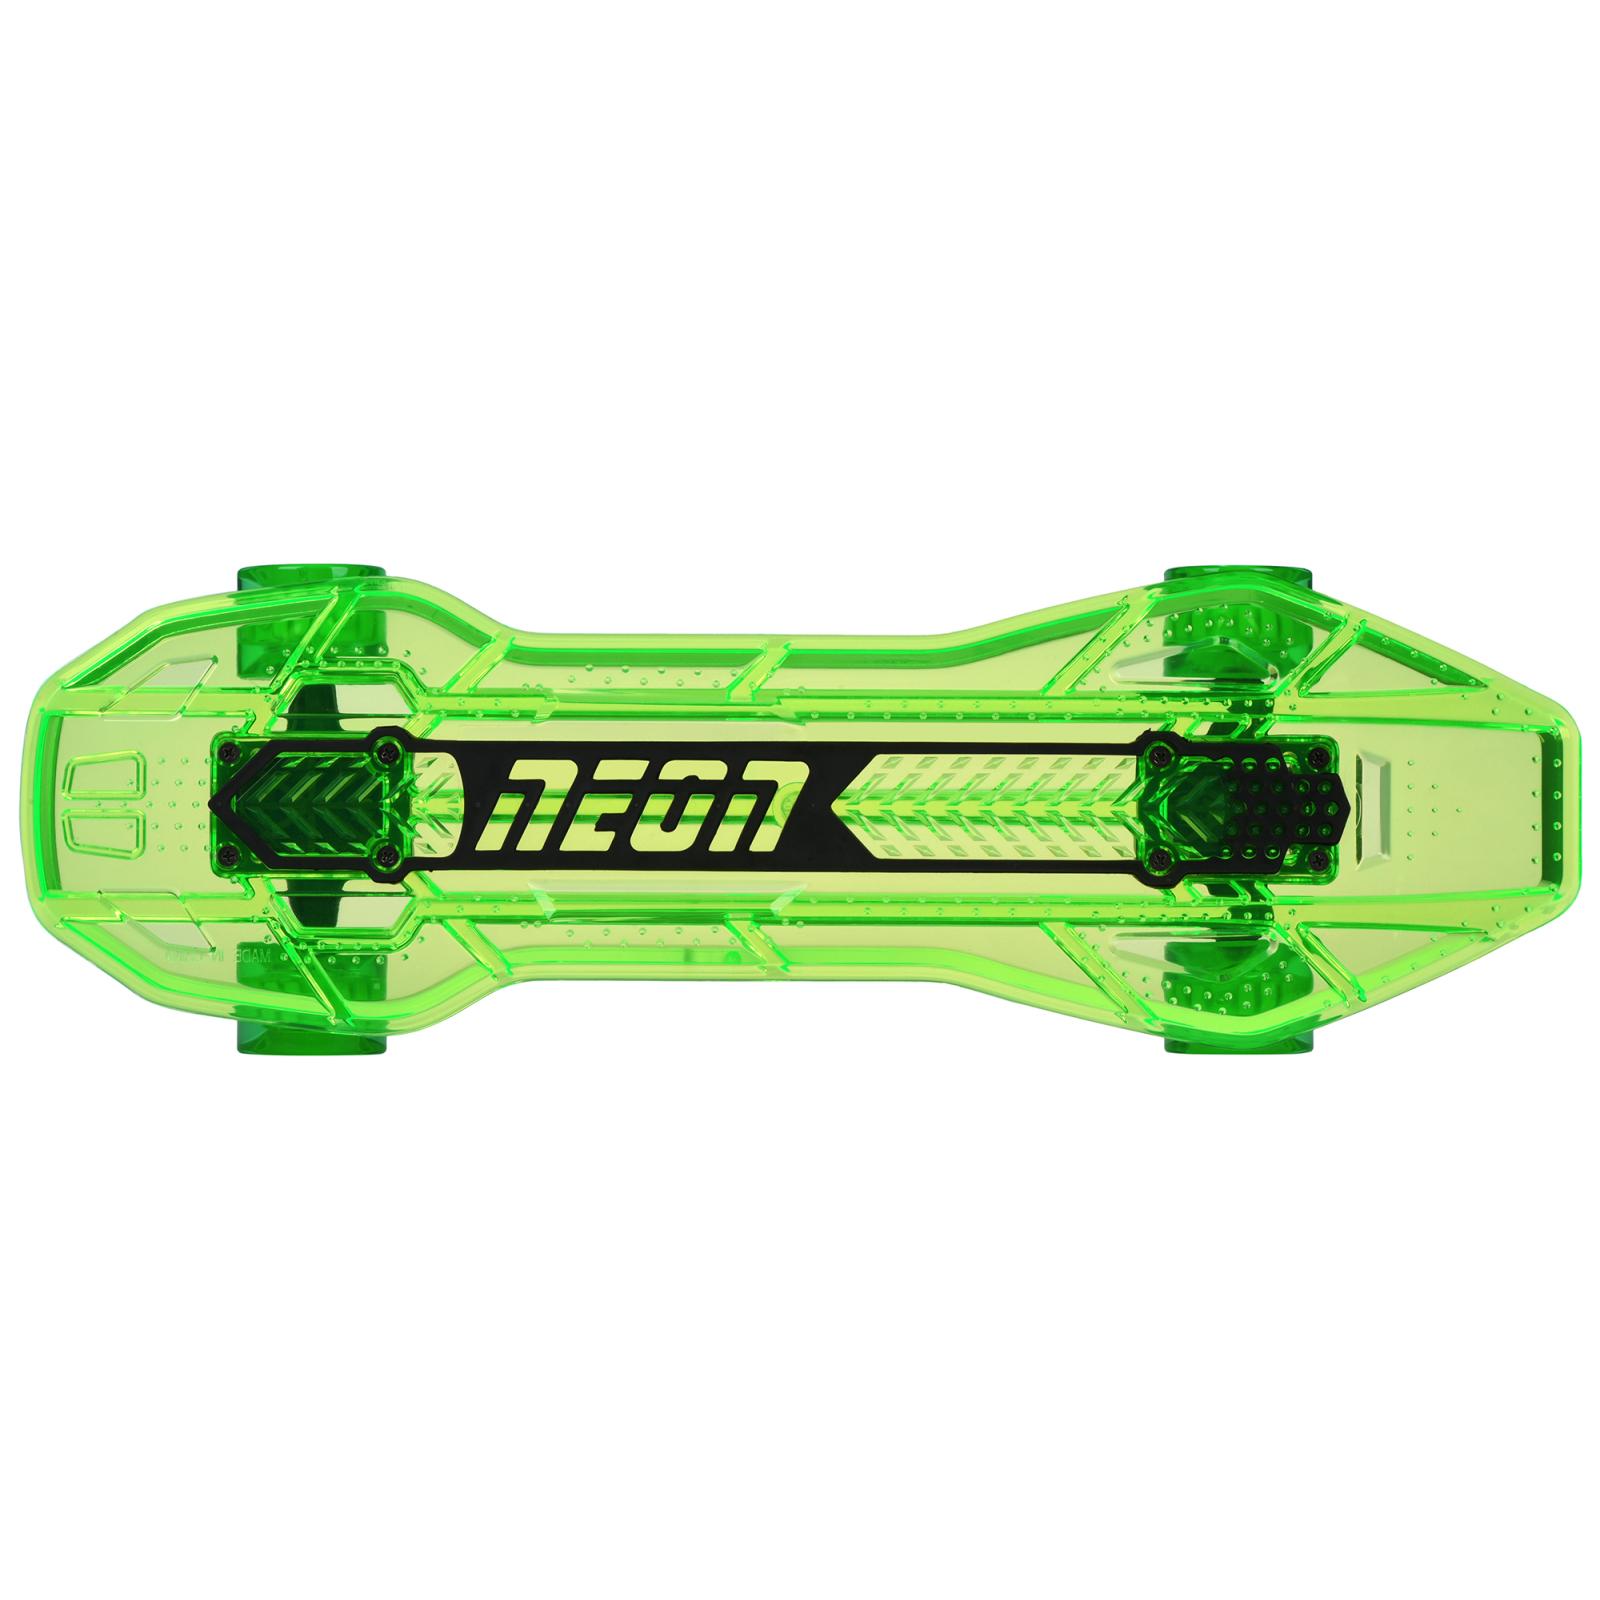 Скейтборд дитячий NEON Cruzer Зелений (N100792) зображення 2